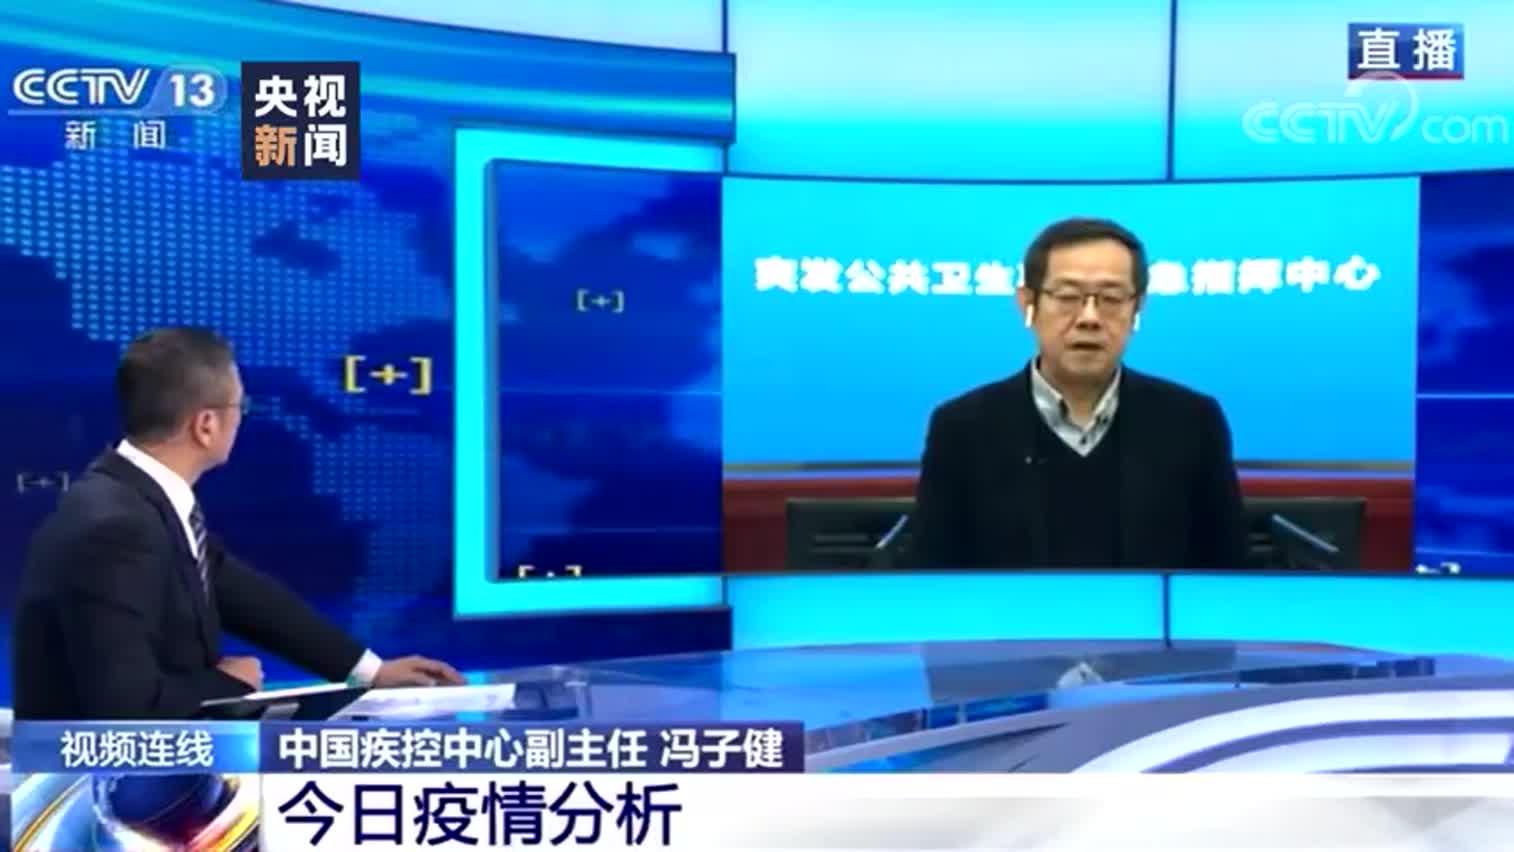 视频-确诊病例为何急剧增长?中国疾控中心副主任回